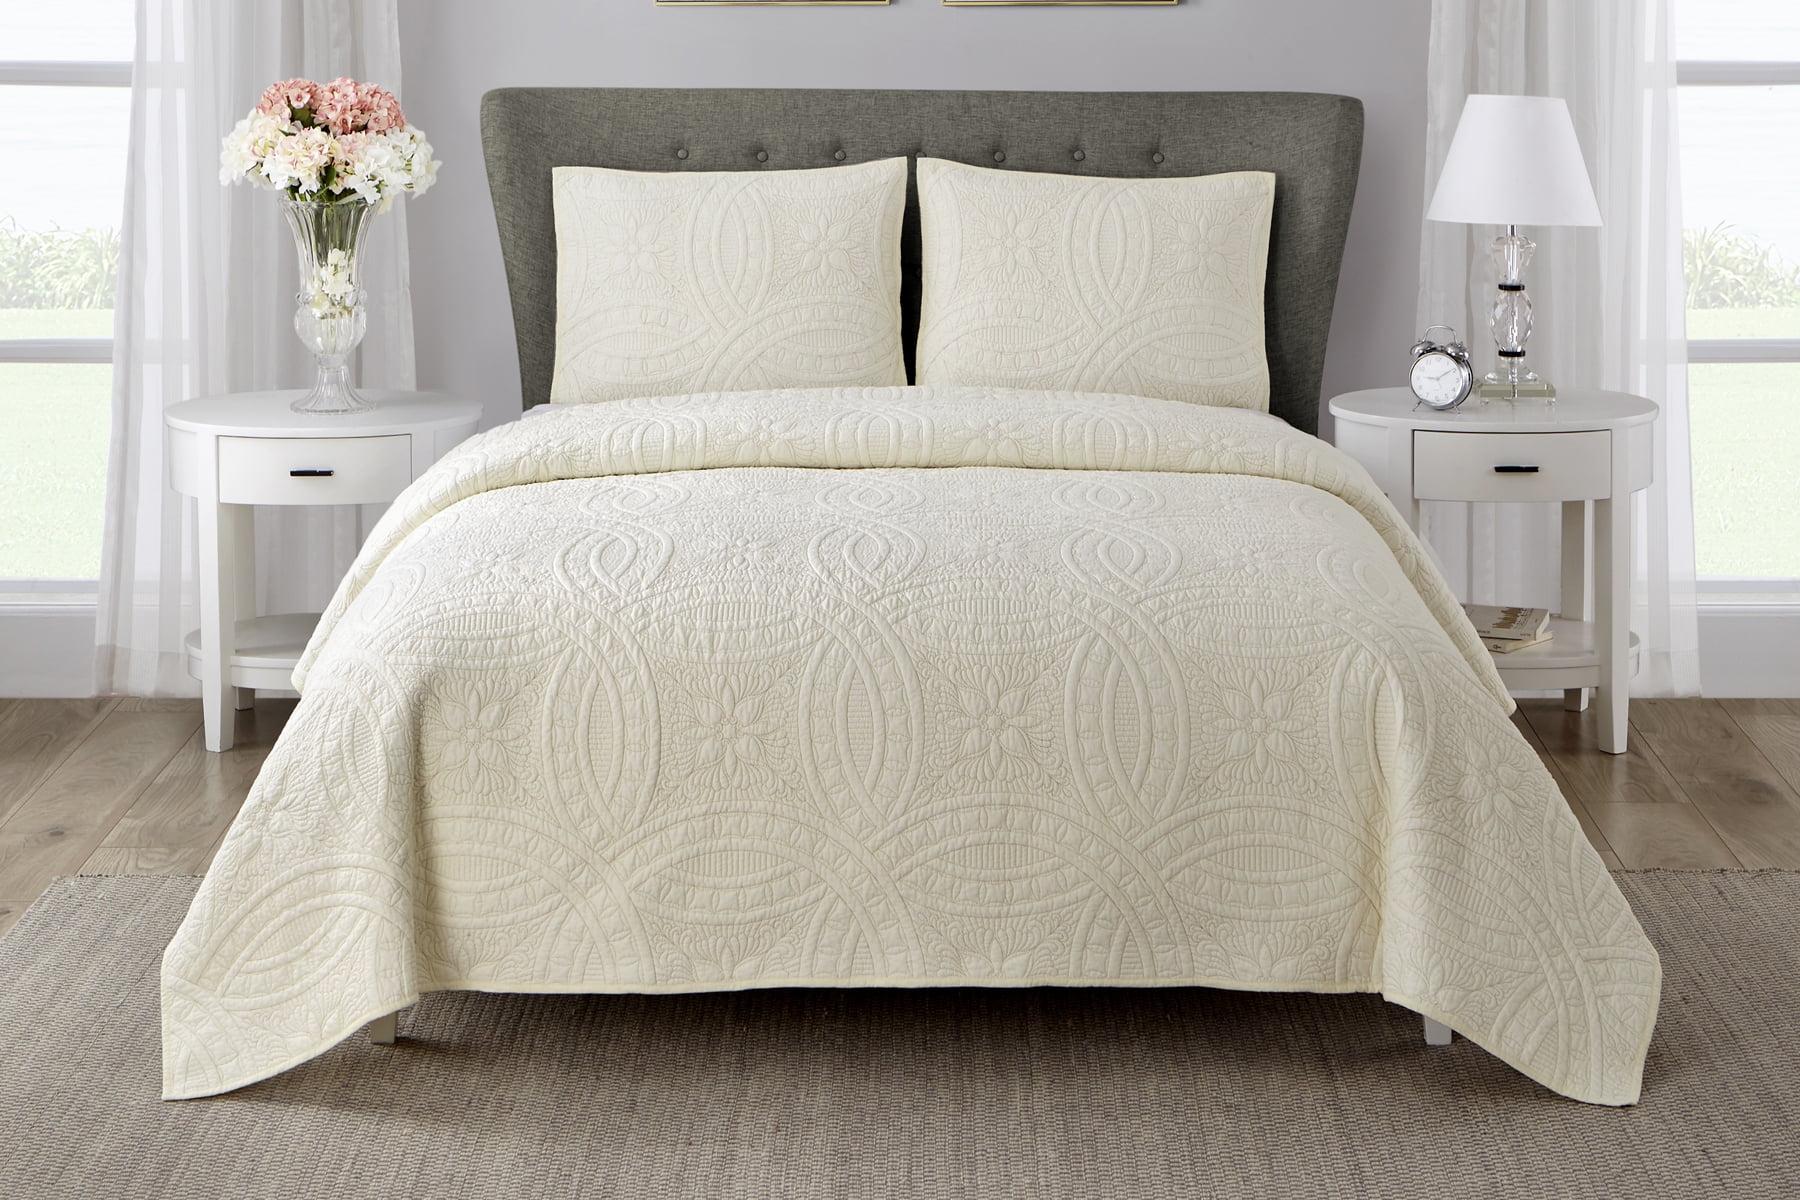 Wonder Home Martha 3PC Cotton Solid Quilt Set, Queen, White by SD Wonder